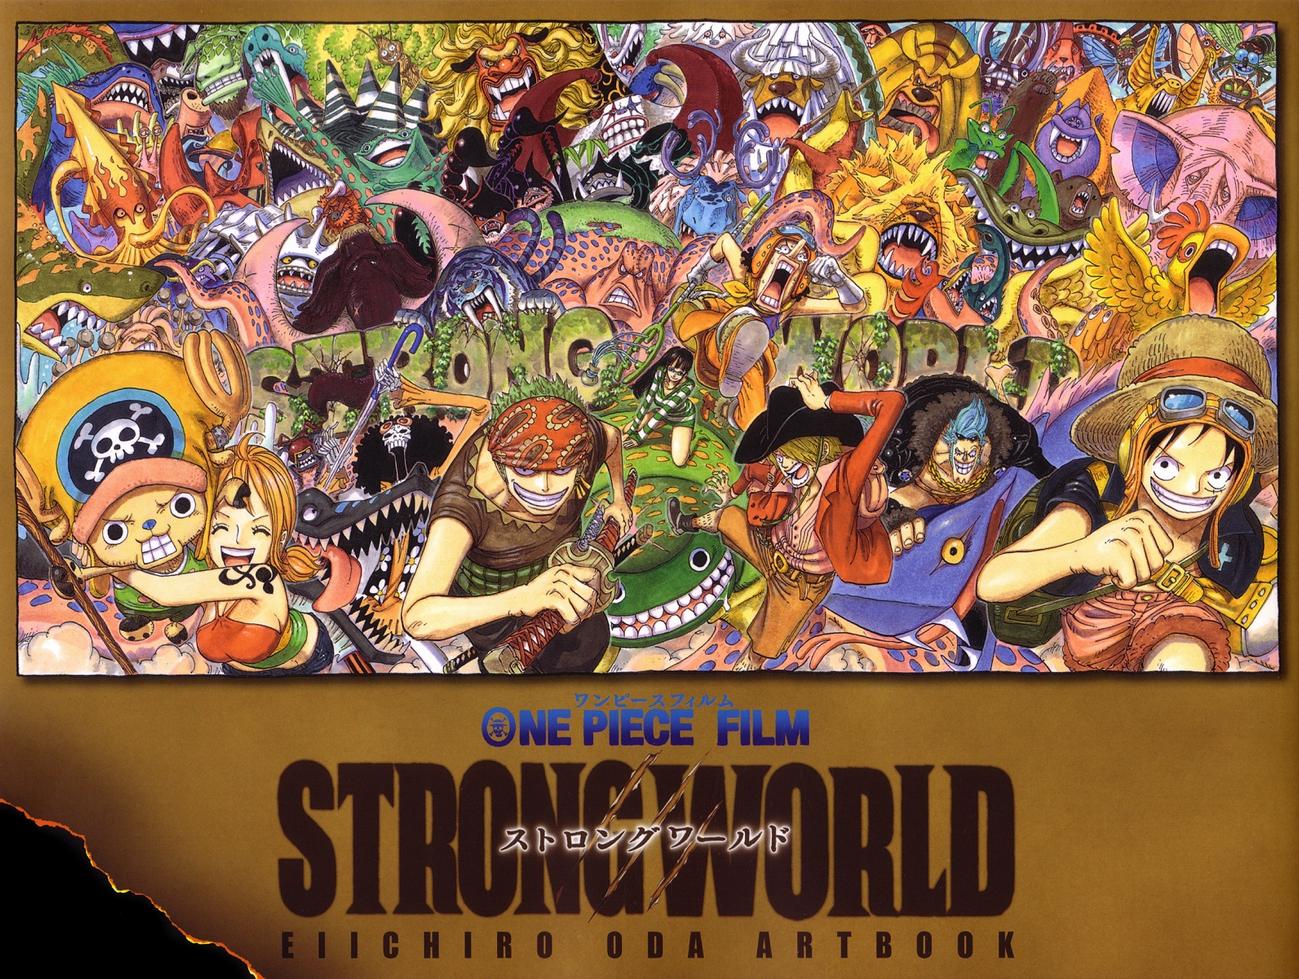 One Piece Film STRONG WORLD Eiichiro Oda Artbook | One Piece Wiki | FANDOM powered by Wikia